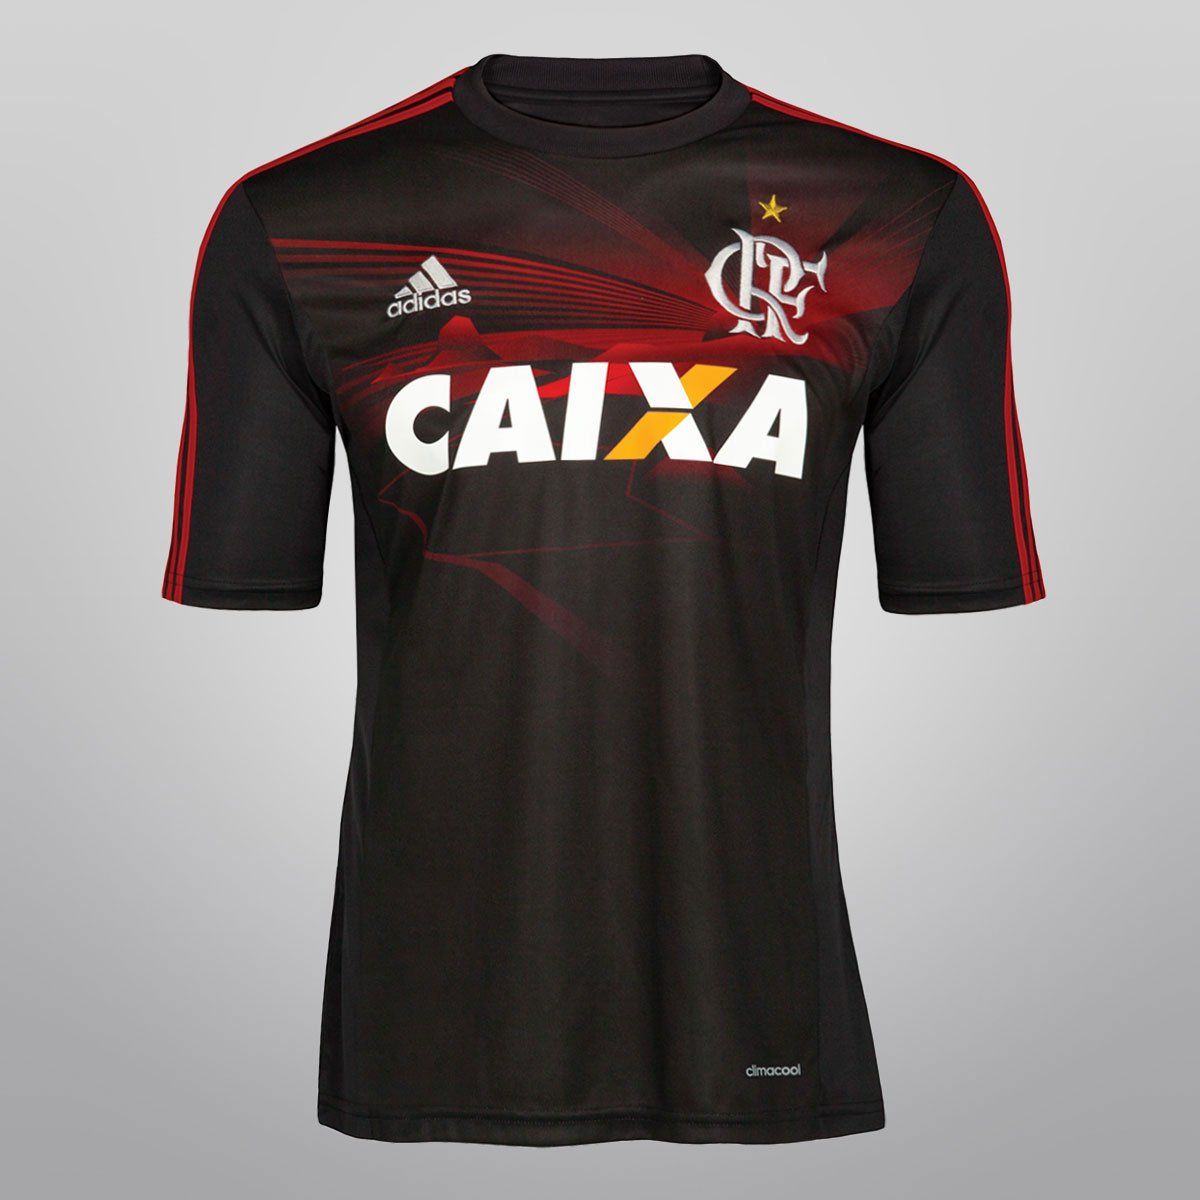 Camisa Adidas Flamengo III 13 14 s nº - Compre Agora  fbb60e271eb7c